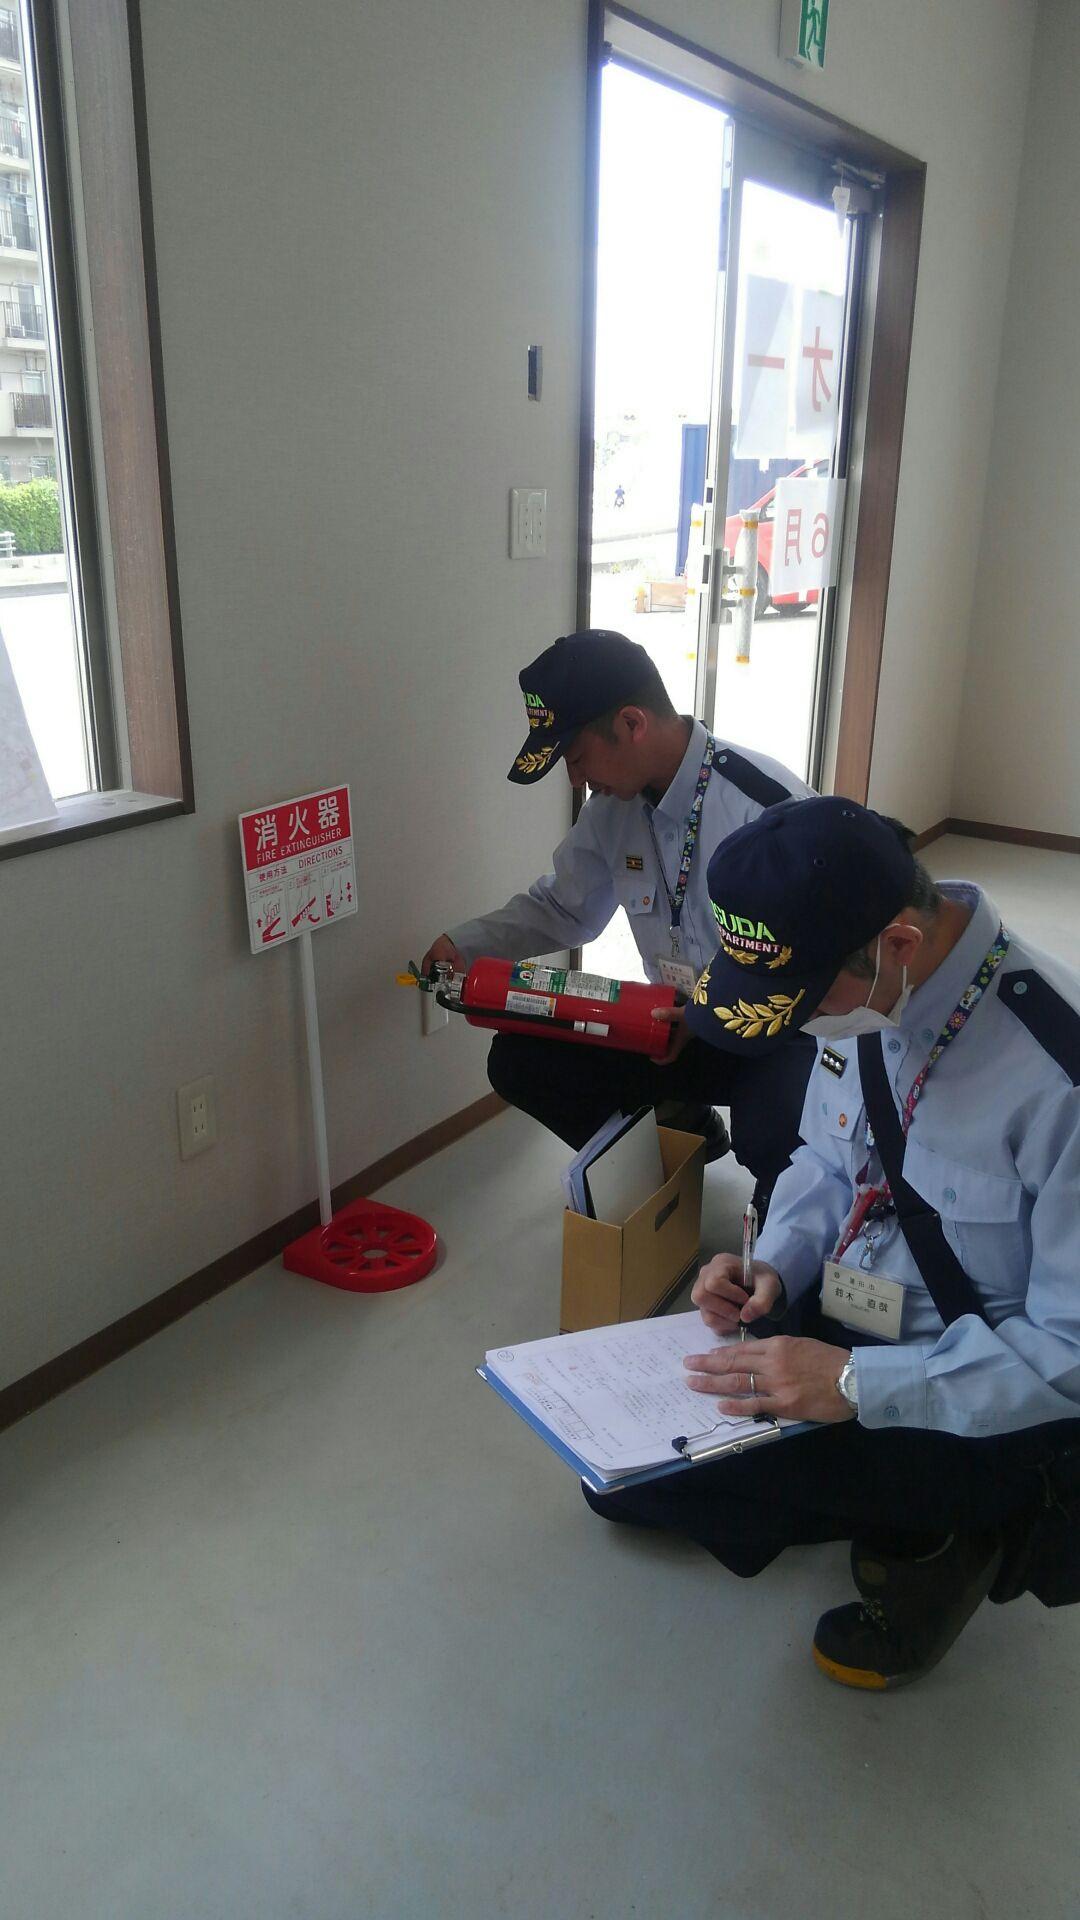 消火器や誘導灯が図面との差異がないか、などしっかり確認。 無事合格! 消防検査済書、いただきました。